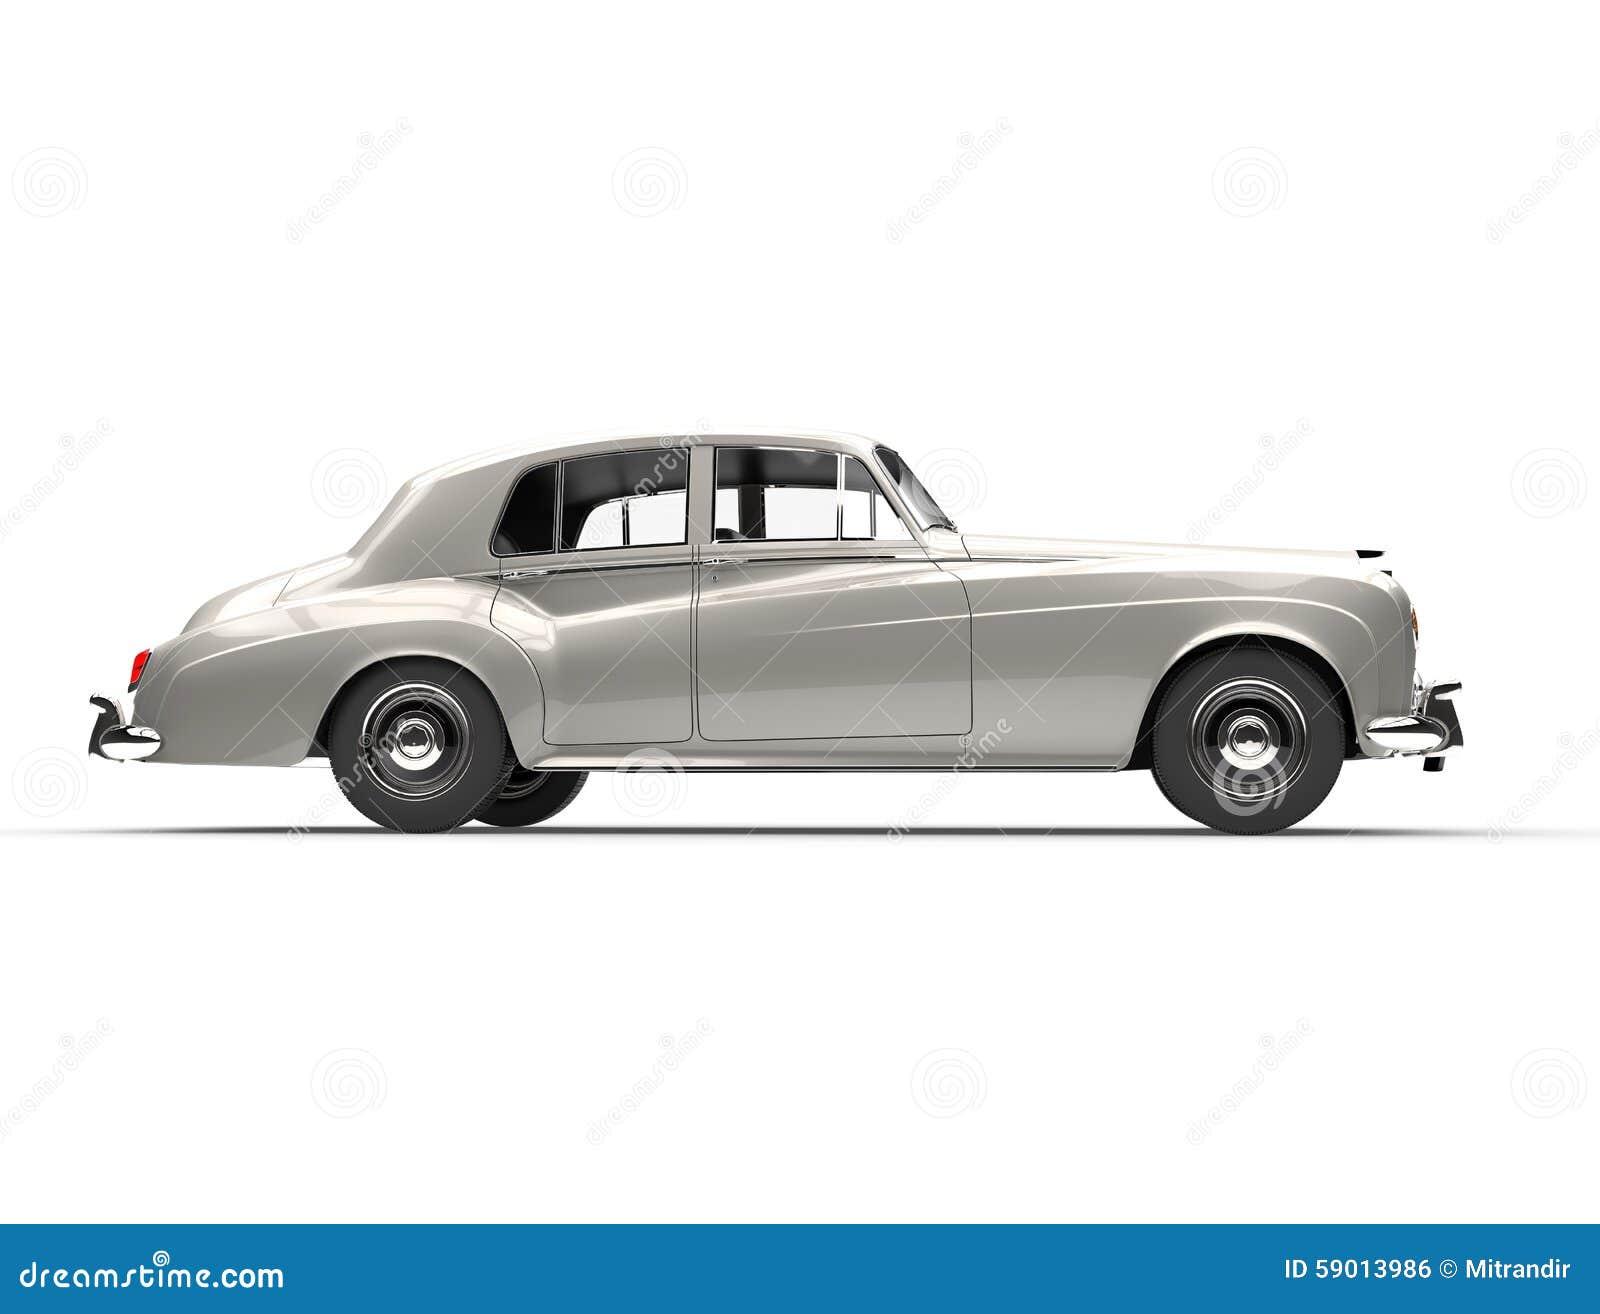 Silver oldtimer